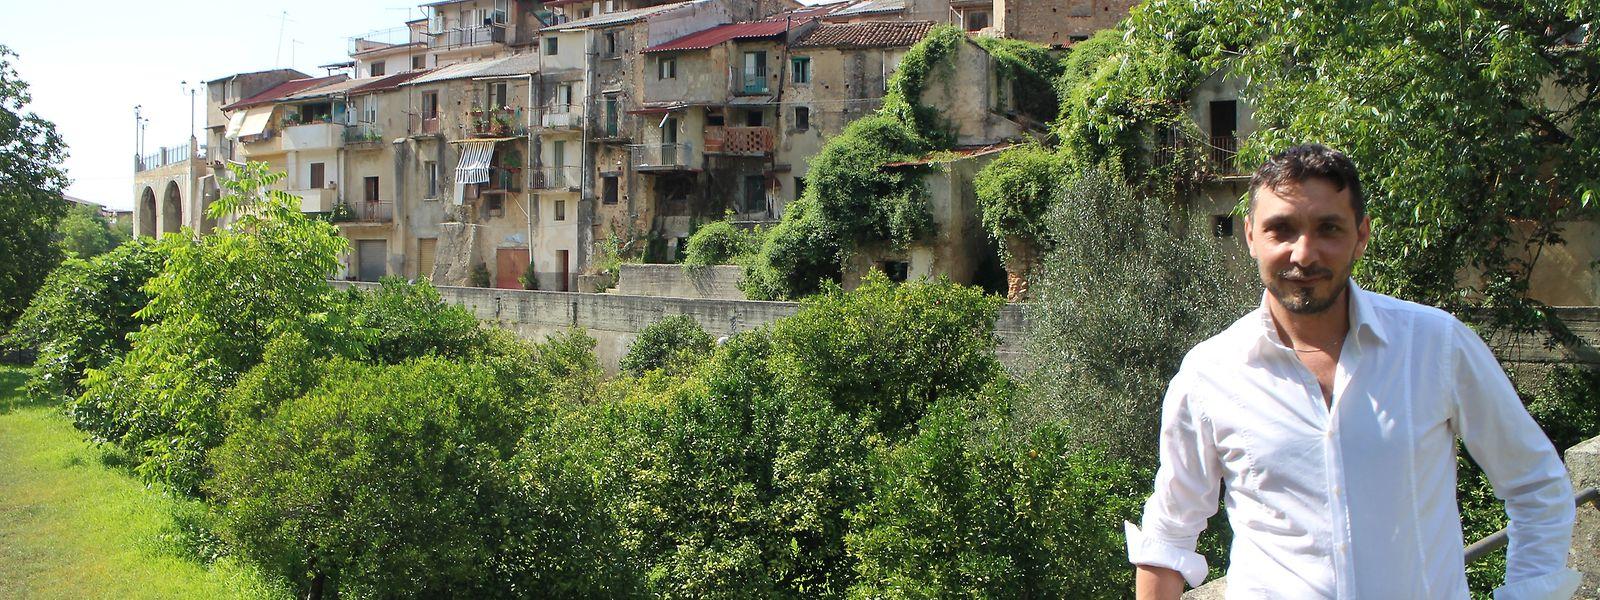 Michele Conia, Bürgermeister von Cinquefrondi, vor einer Zeile von Häusern, die für einen Euro einen Käufer suchen.